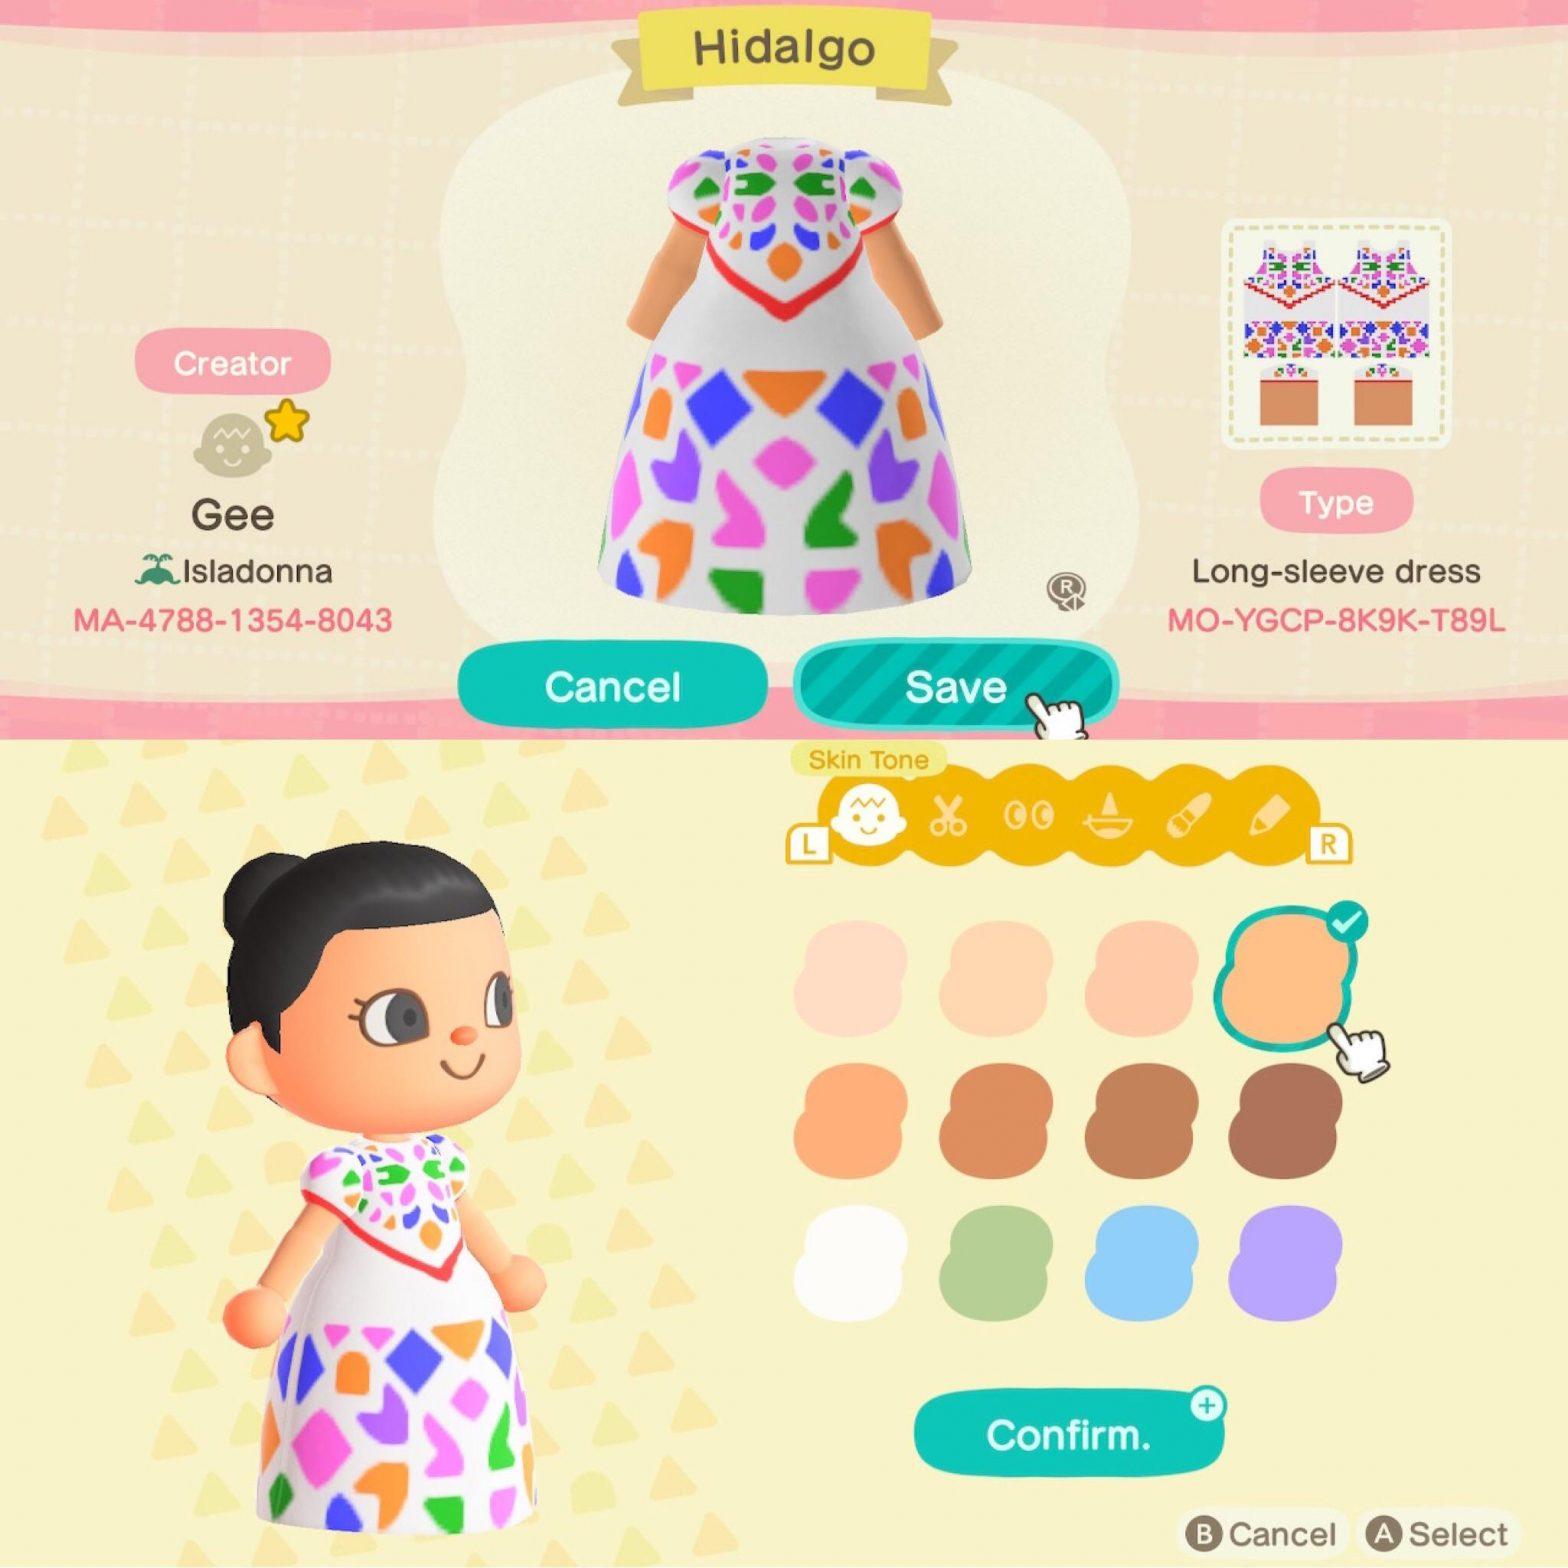 Mexican Dress series - Hidalgo